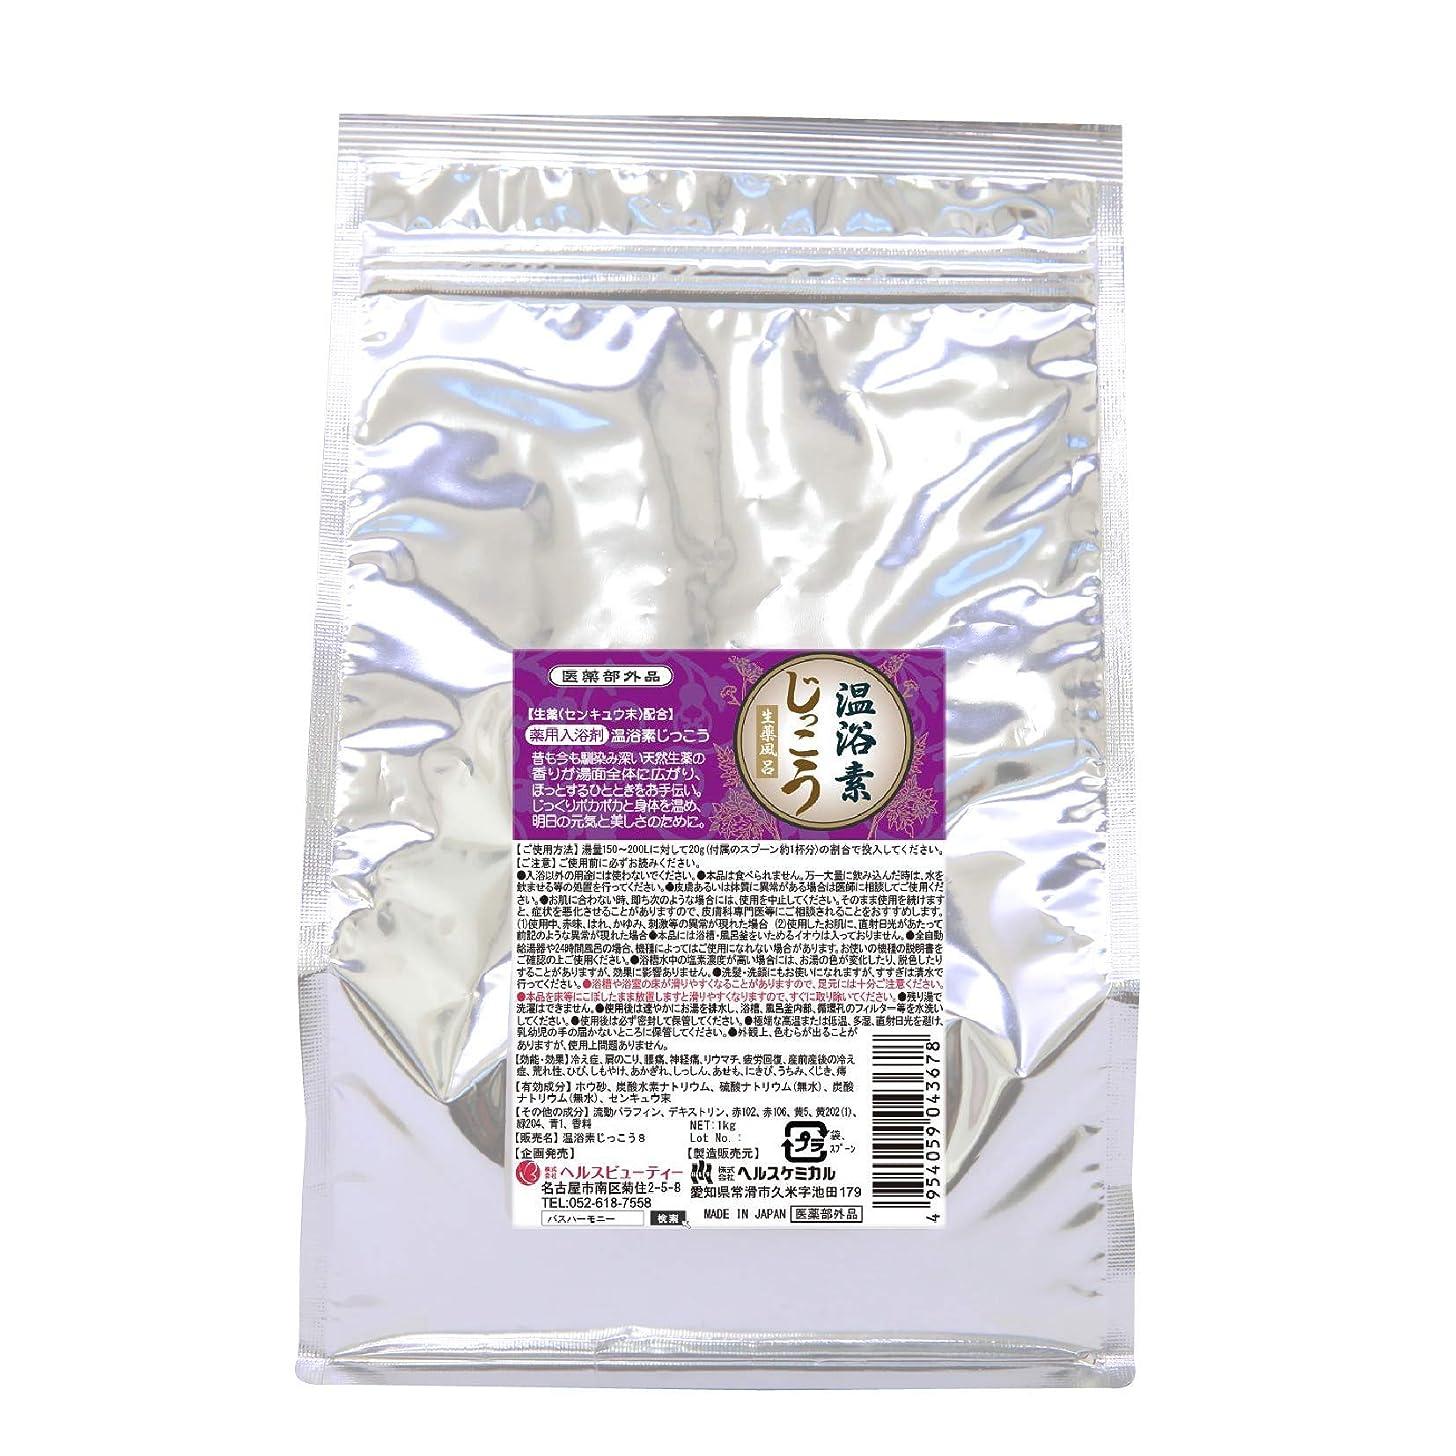 サンプル鳴り響く独占入浴剤 湯匠仕込 温浴素じっこう 生薬 薬湯 1kg 50回分 お徳用 医薬部外品